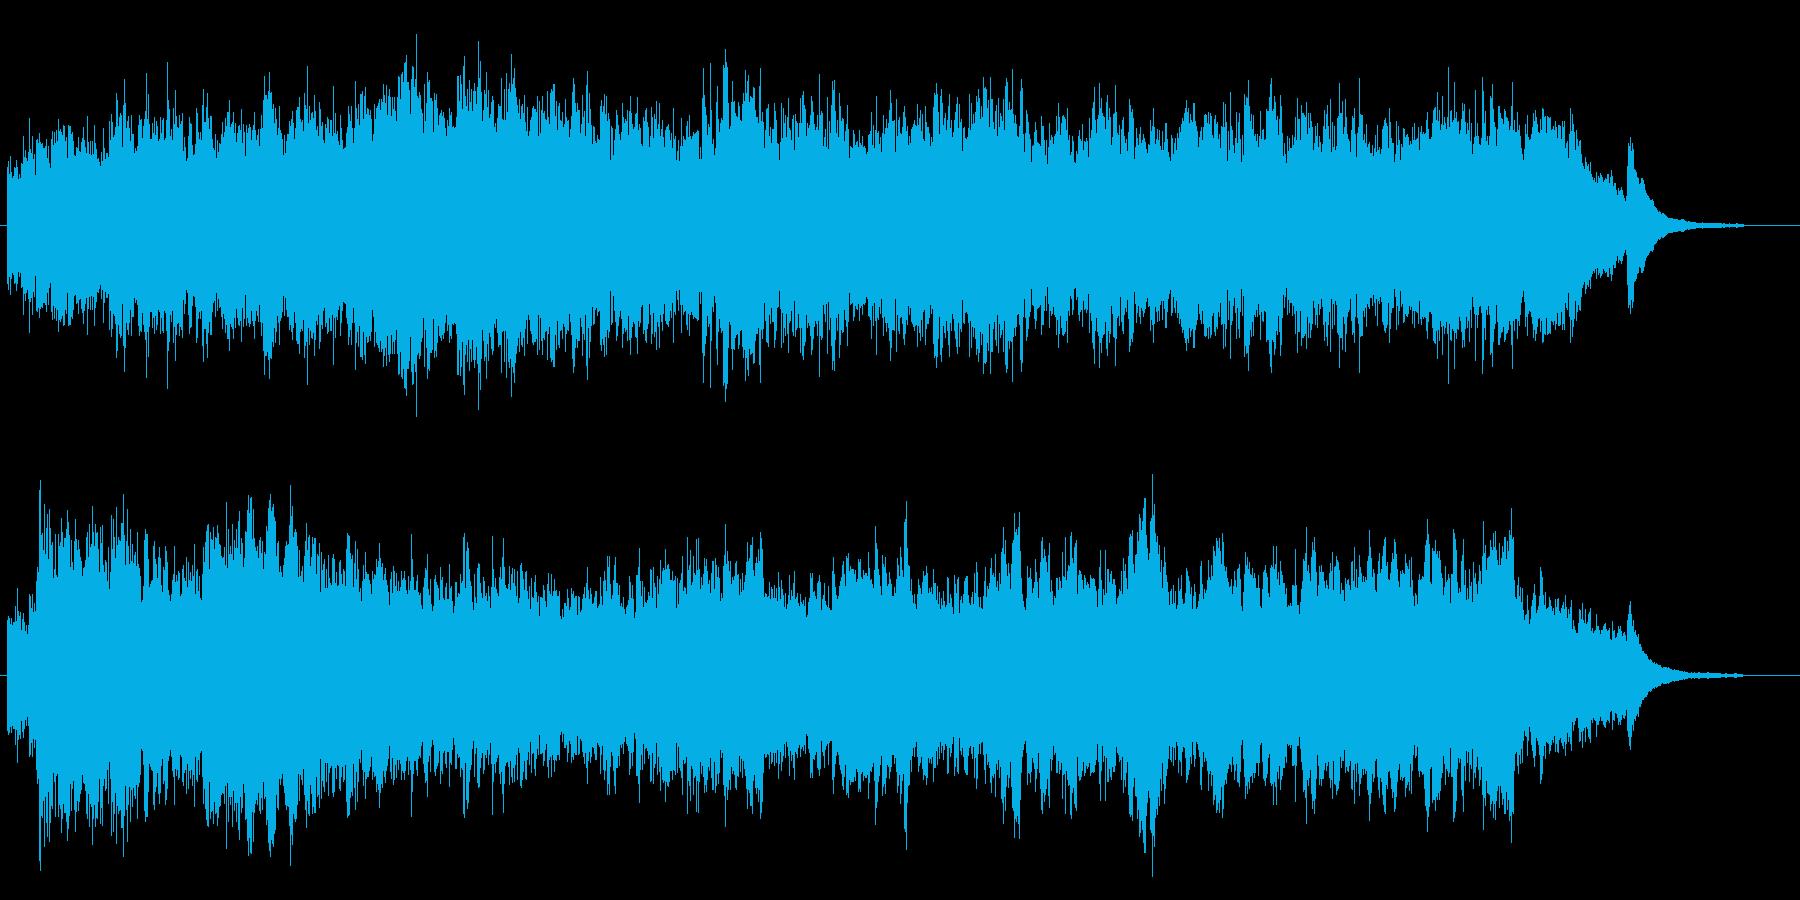 悲しいシーンのBGM オーケストラ風の再生済みの波形